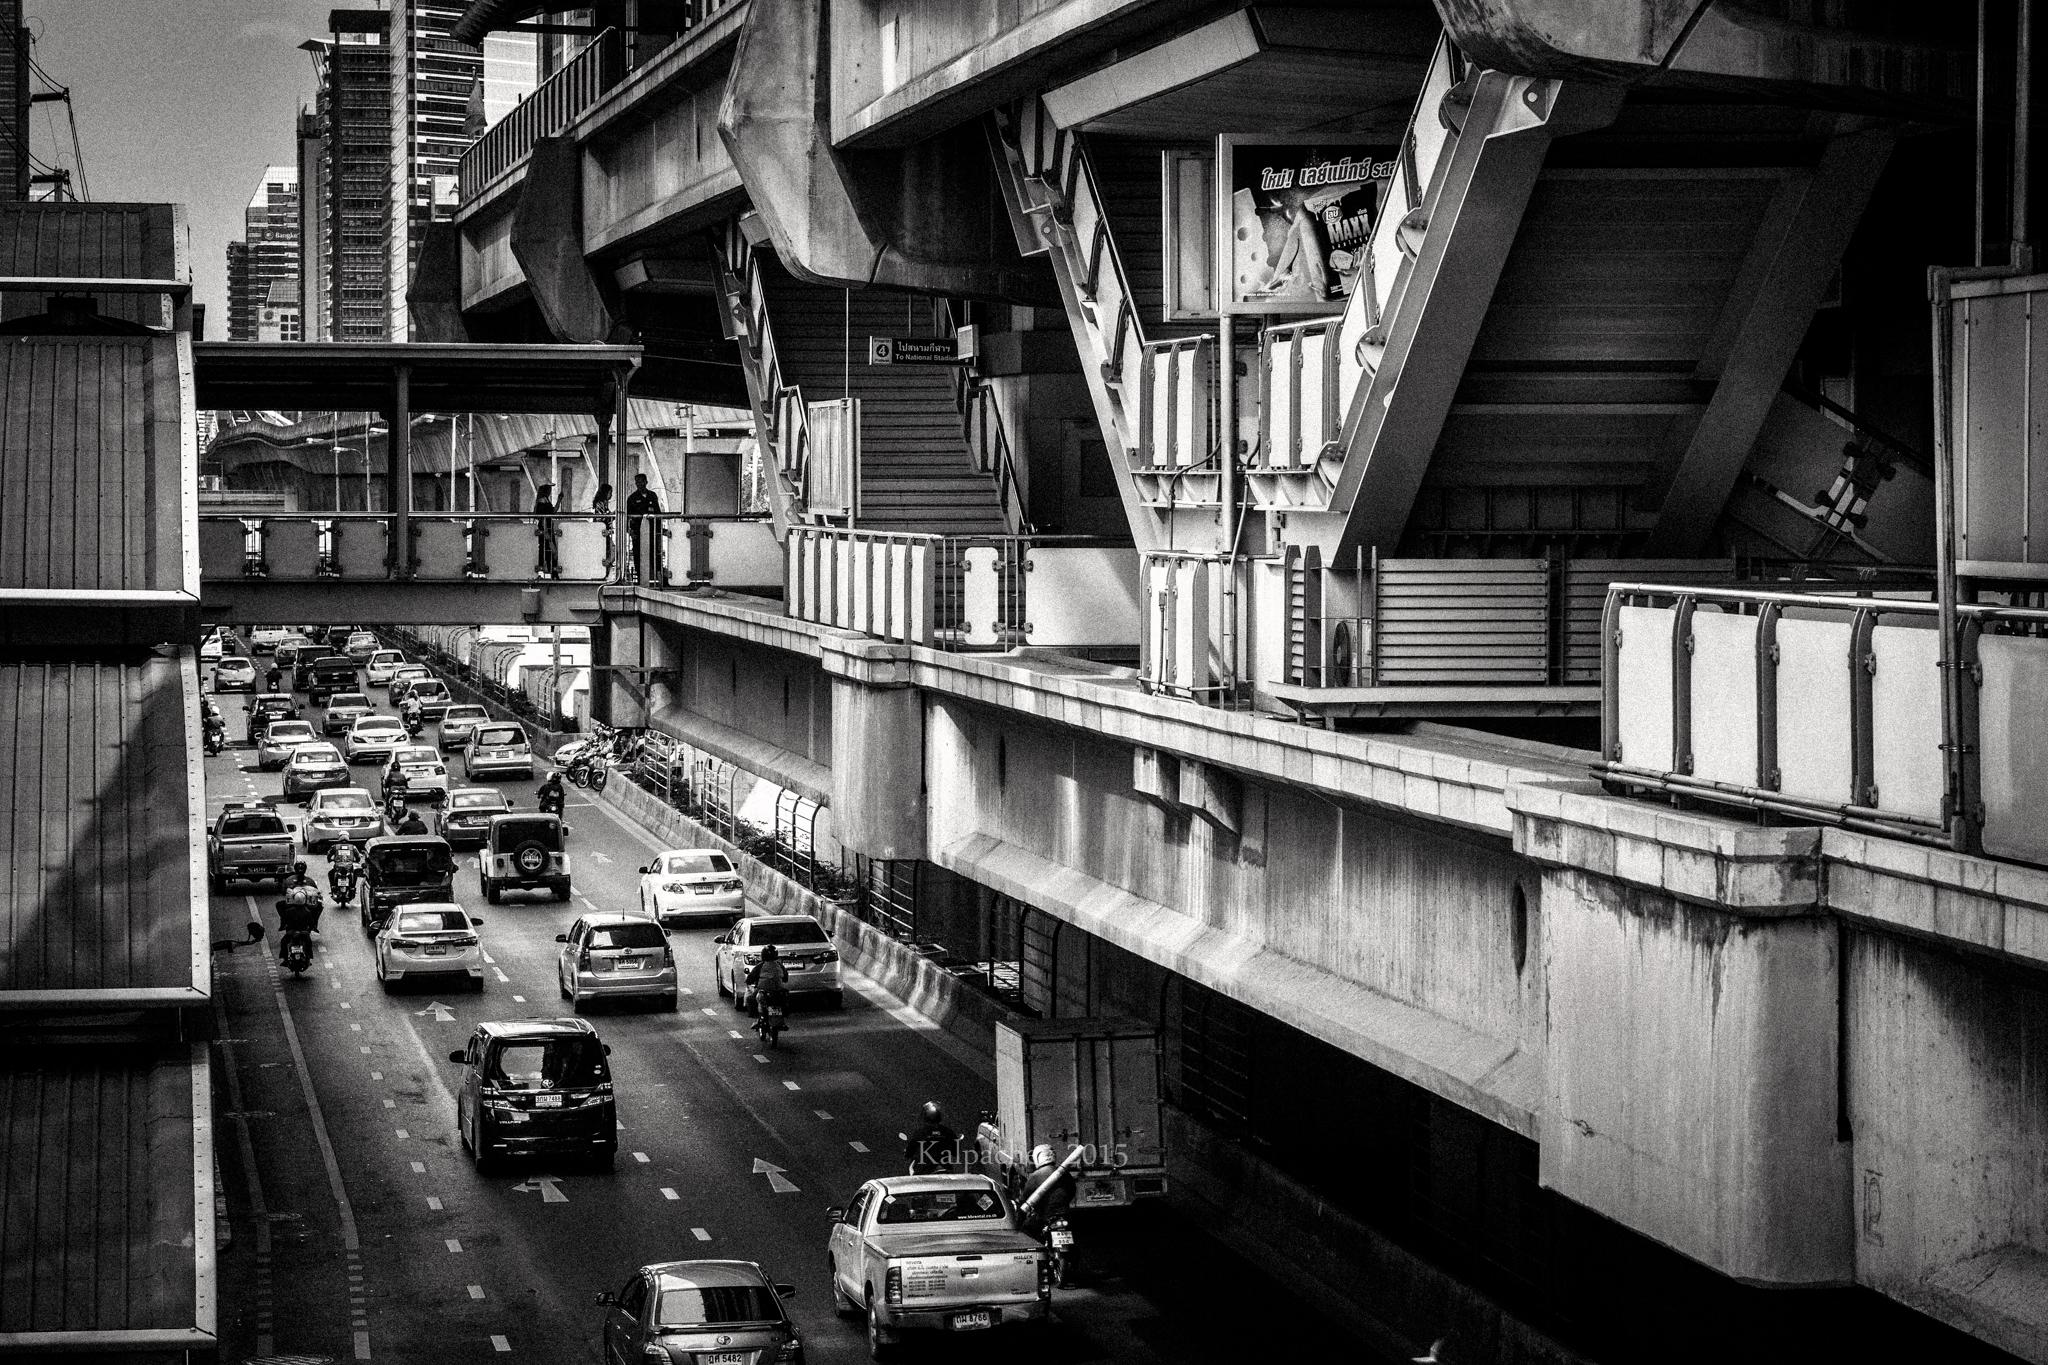 Bangkok Thailand – November 2015